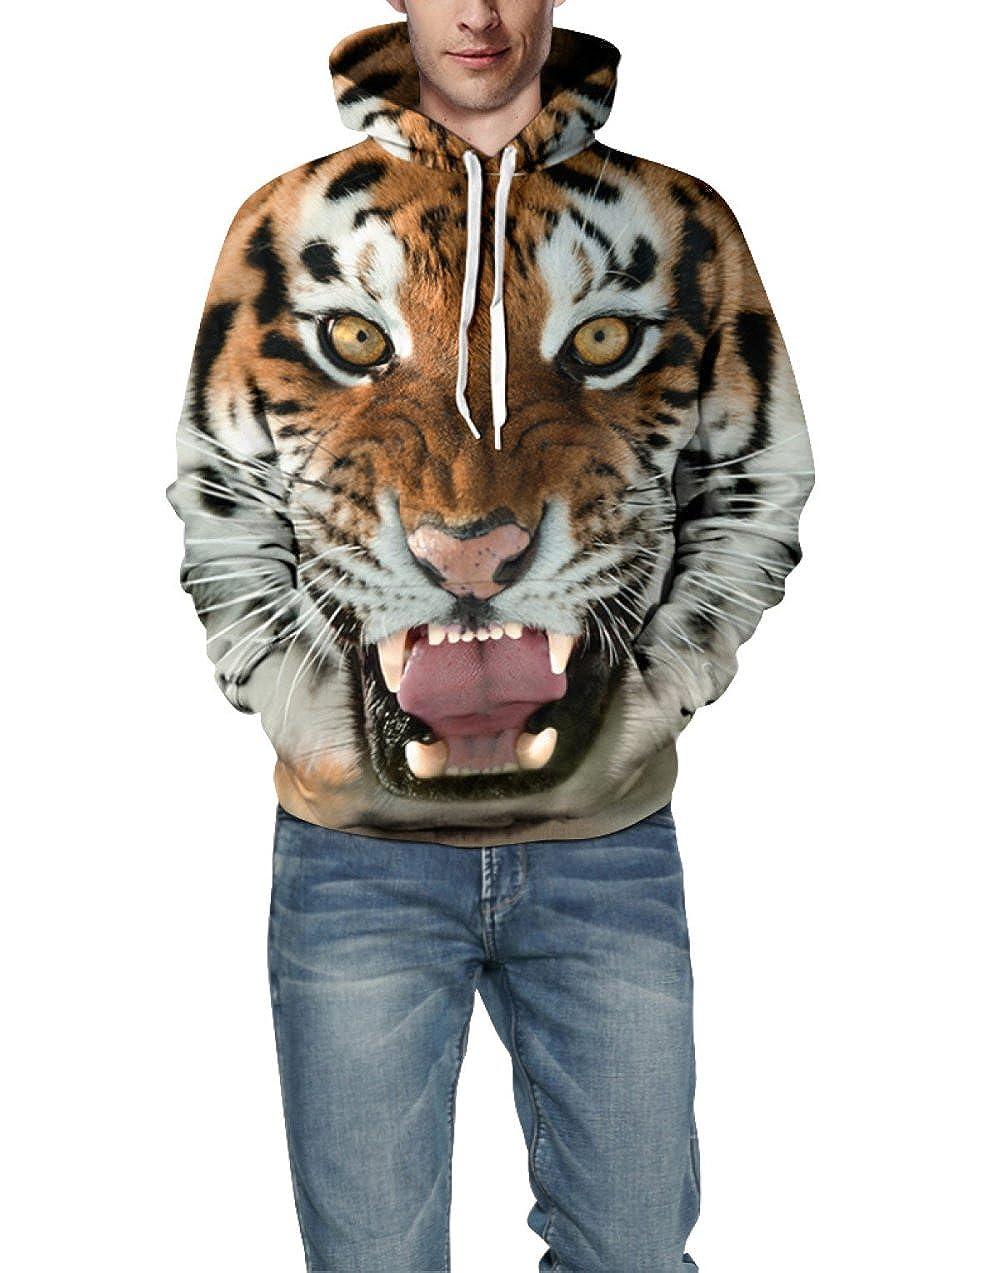 XINFUKL Kapuzenpullover Mit Unisex-3D-Print Im Tiger-Look Mit Großem Atmungsaktivem Baseballuniform Und Großem Mit Taschenpullover 02f6c4